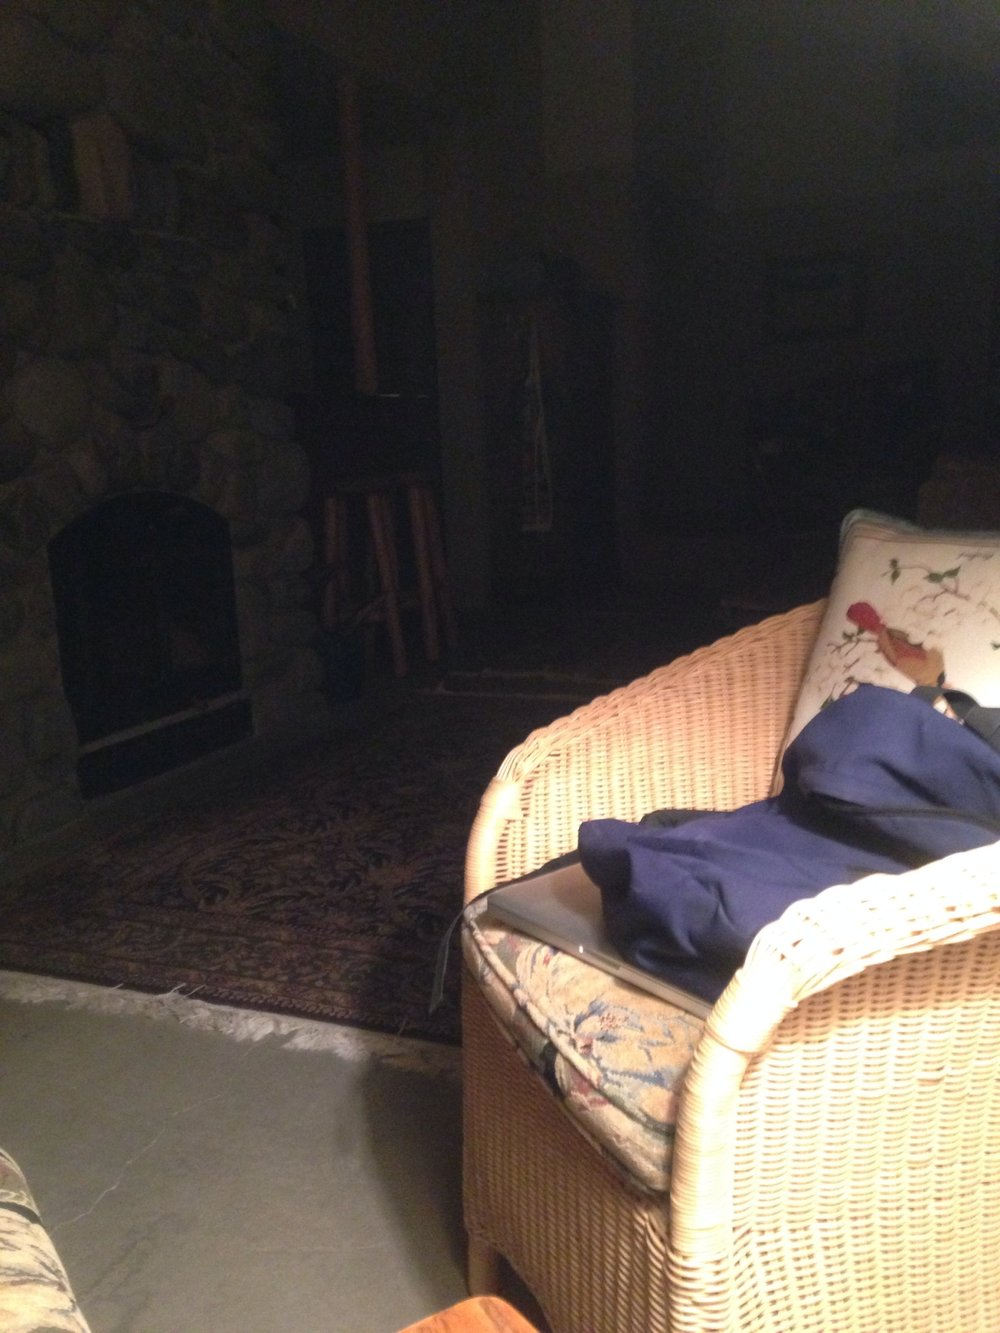 Chair in cabin, 2 a.m., Wapiti, Wyoming, May 4, 2017.